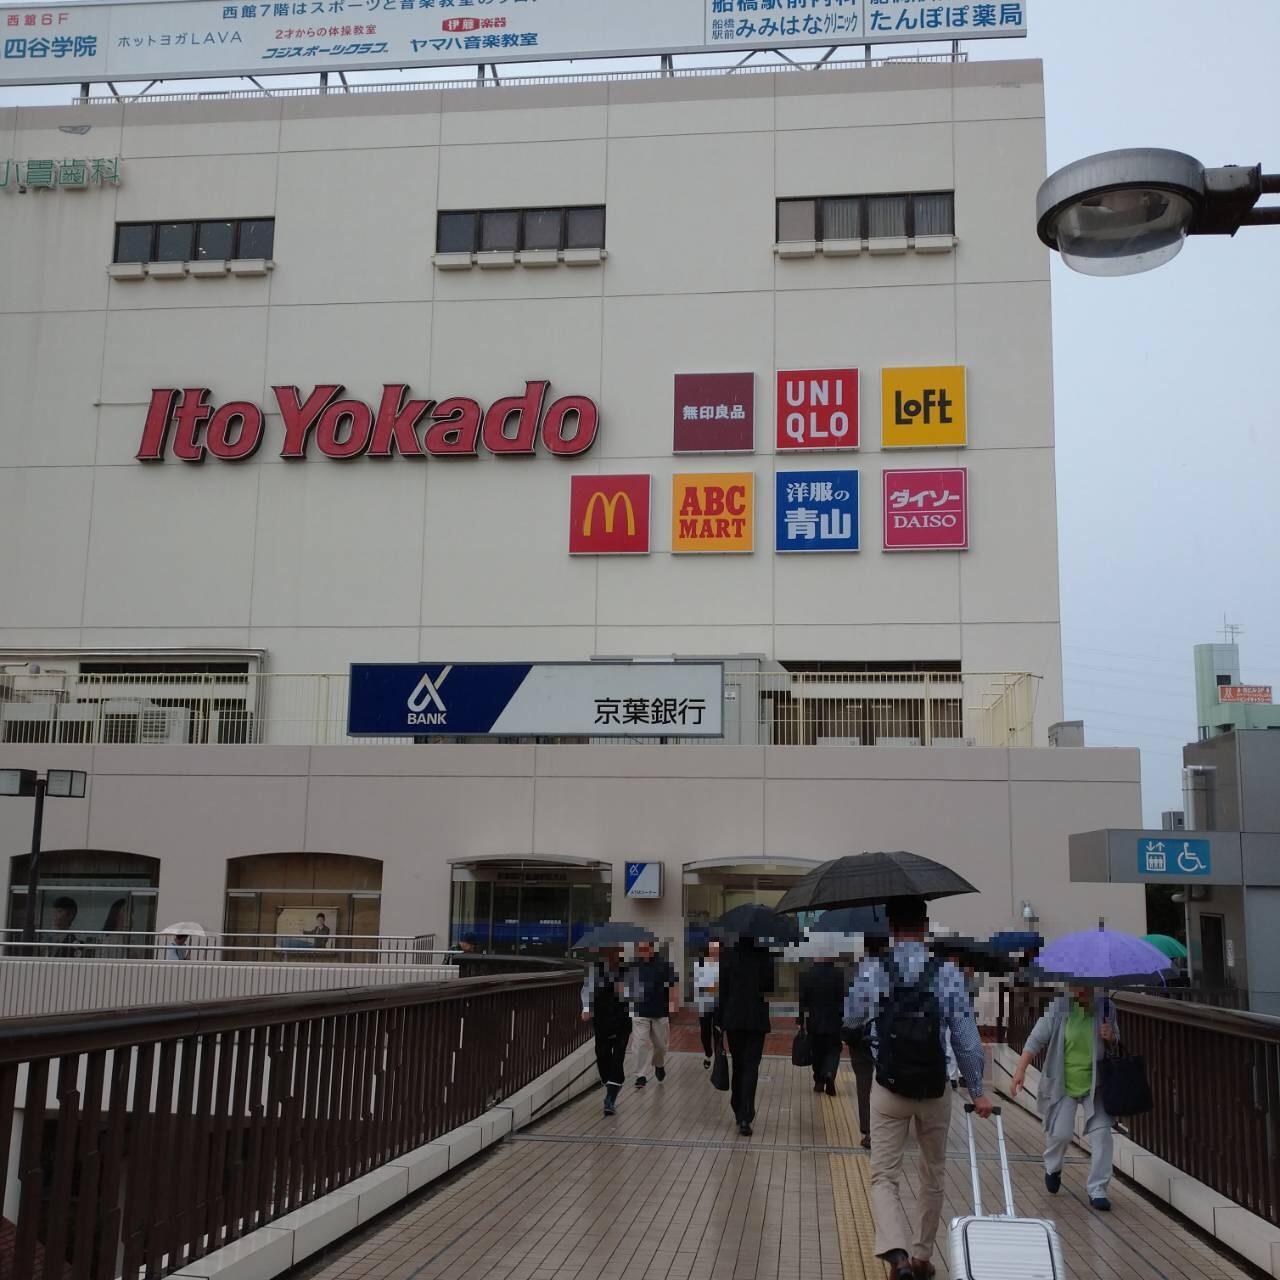 3.エスカレーターを降りたら、道なりに進むとイトーヨーカドー、京葉銀行がございます。